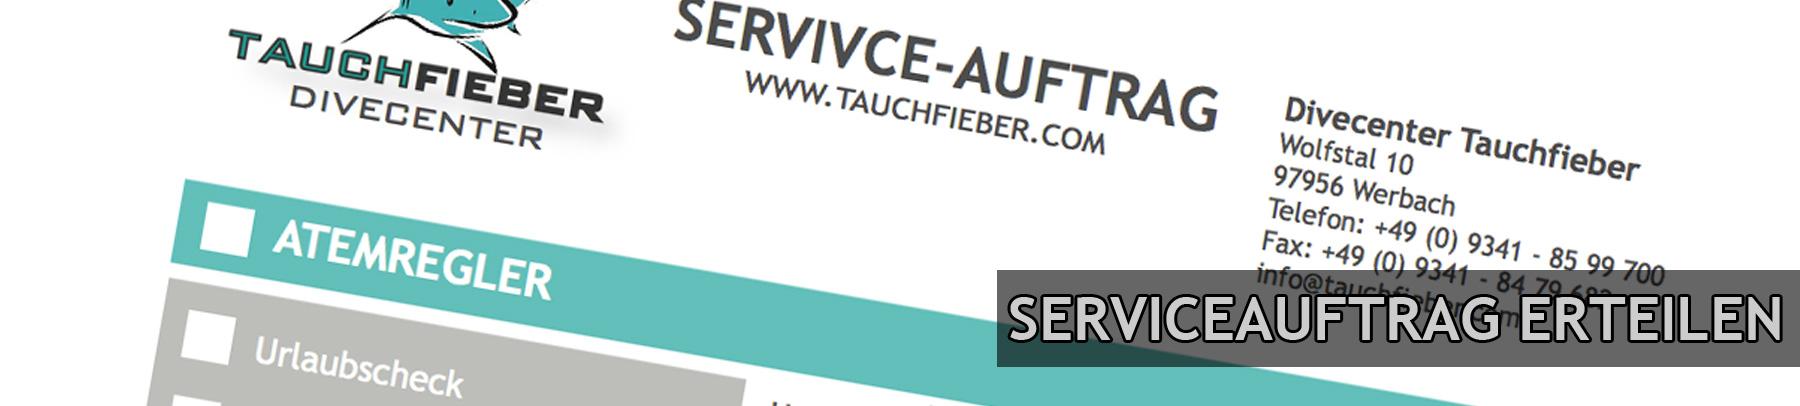 Atemregler-Service-Auftrag589395da568df